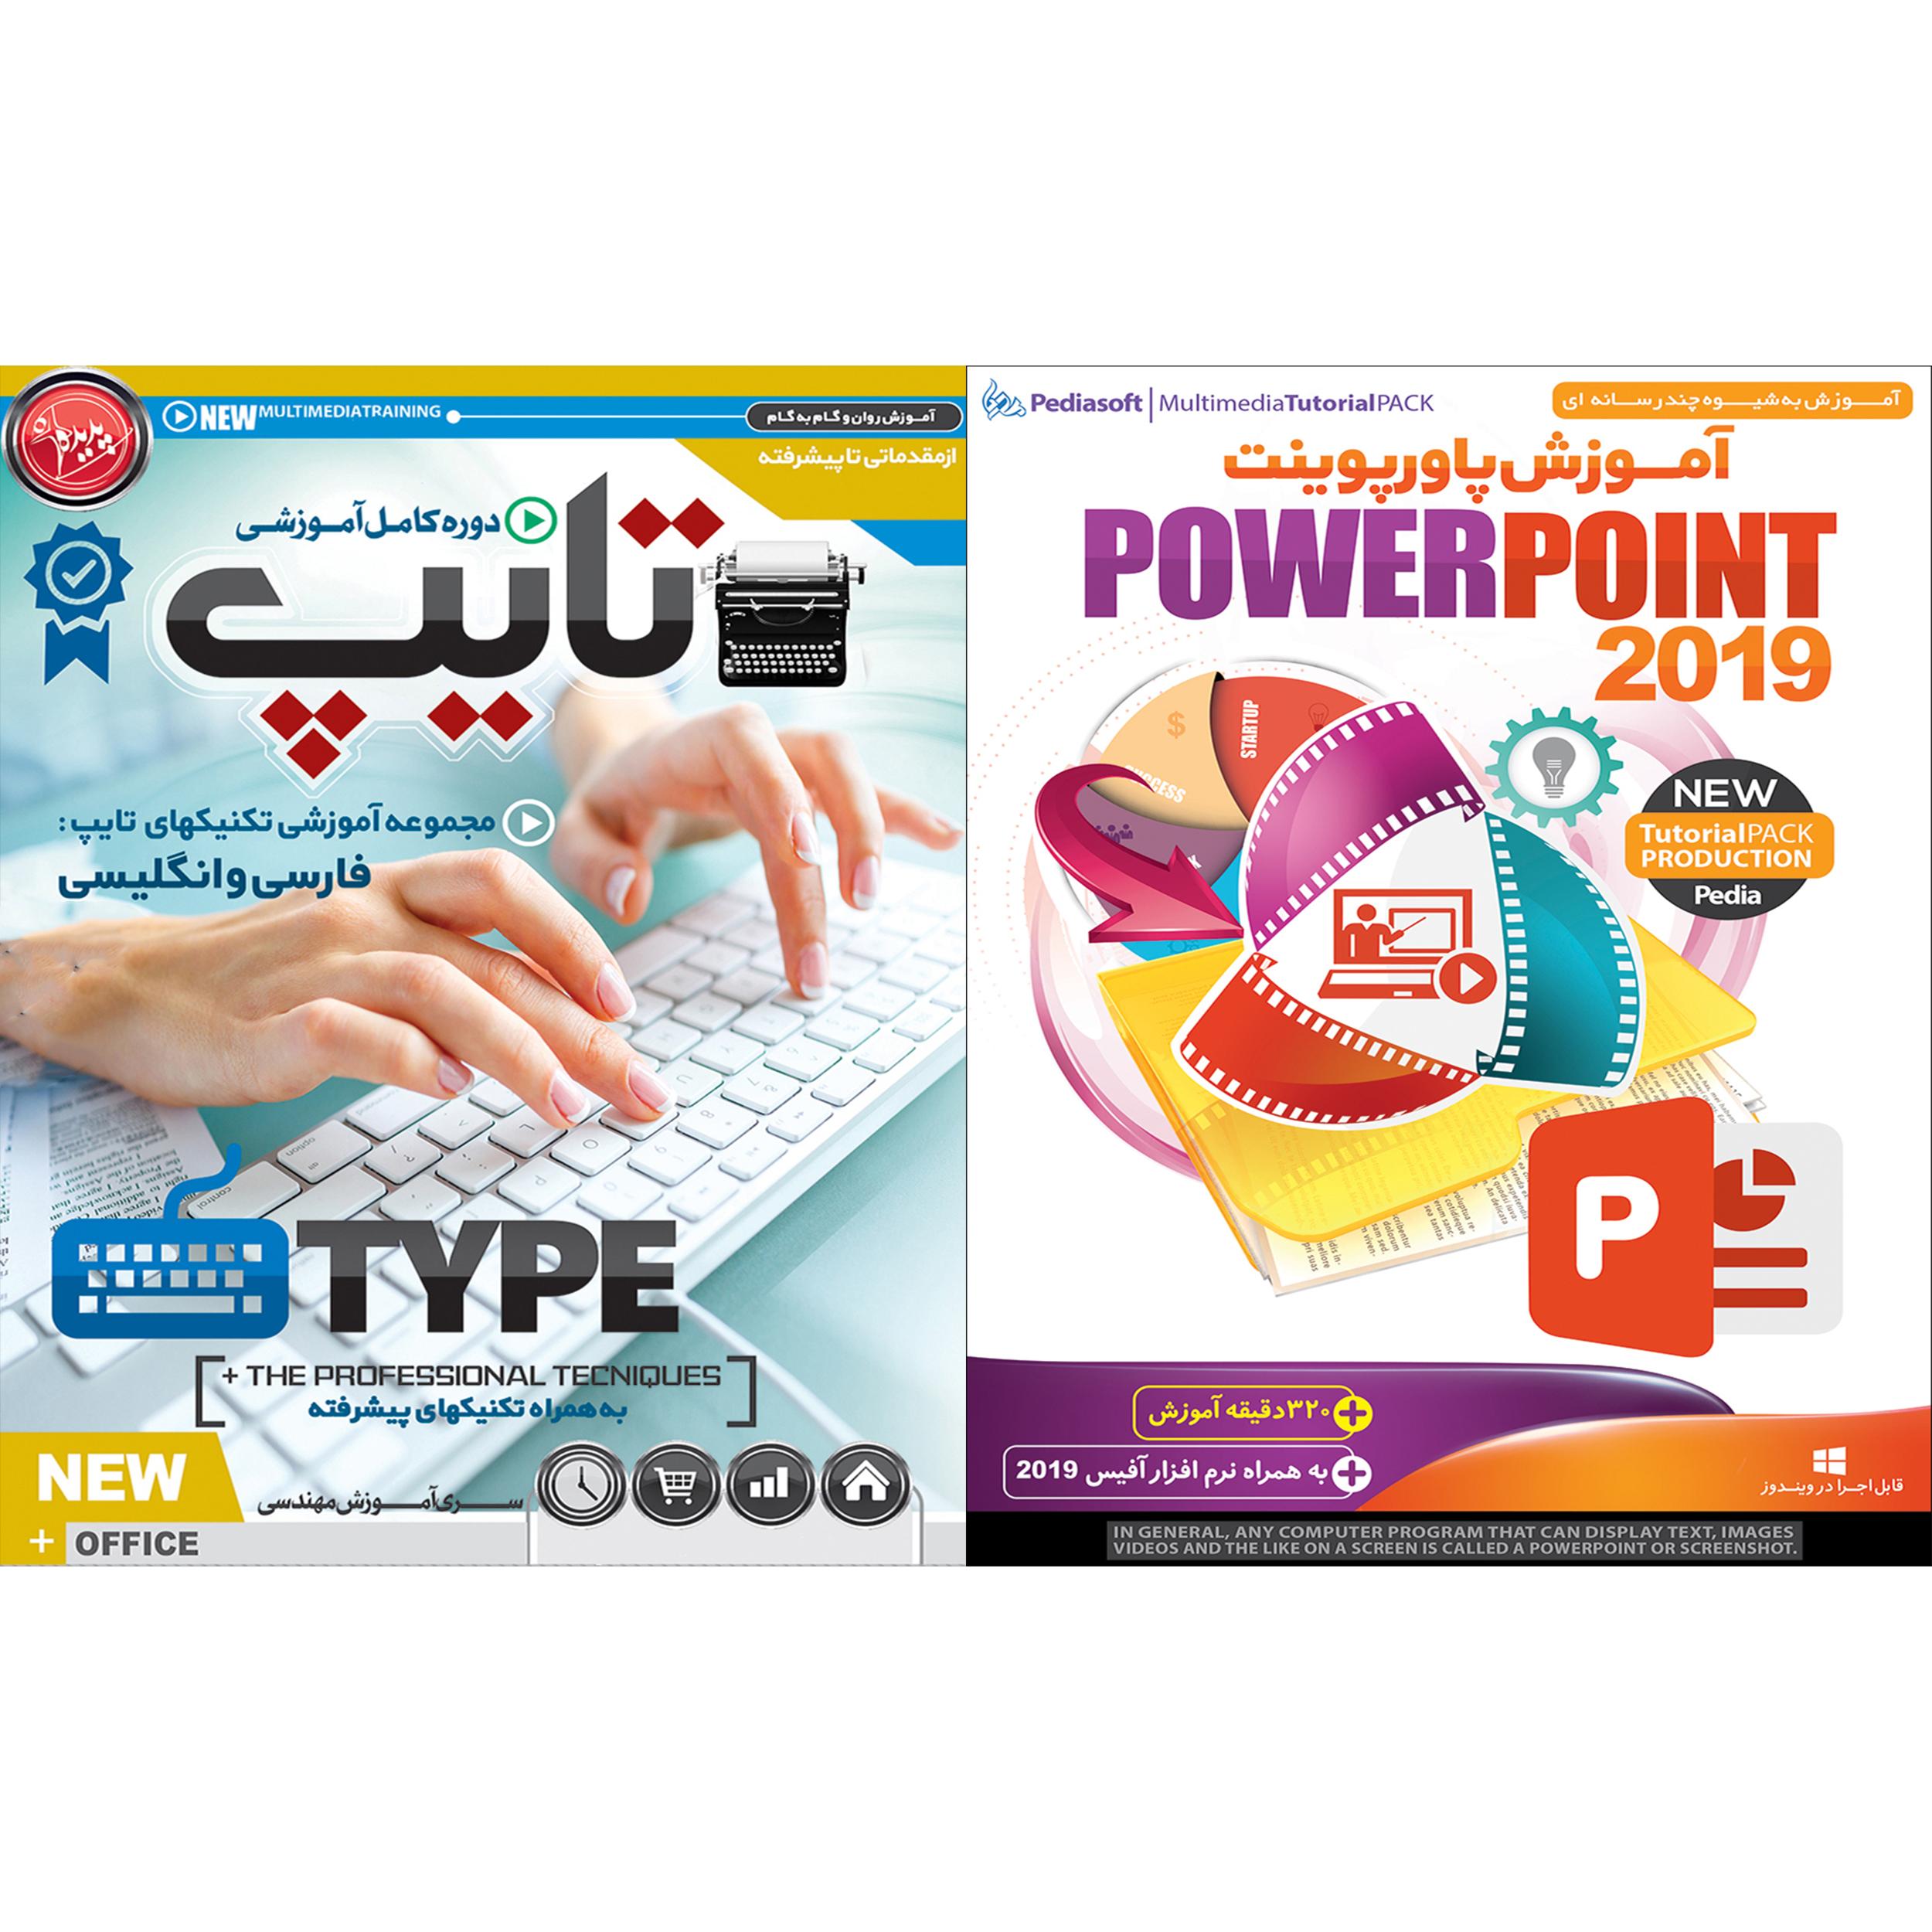 نرم افزار آموزش پاورپوینت Powerpoint 2019 نشر پدیا سافت به همراه نرم افزار آموزش تایپ نشر پدیده